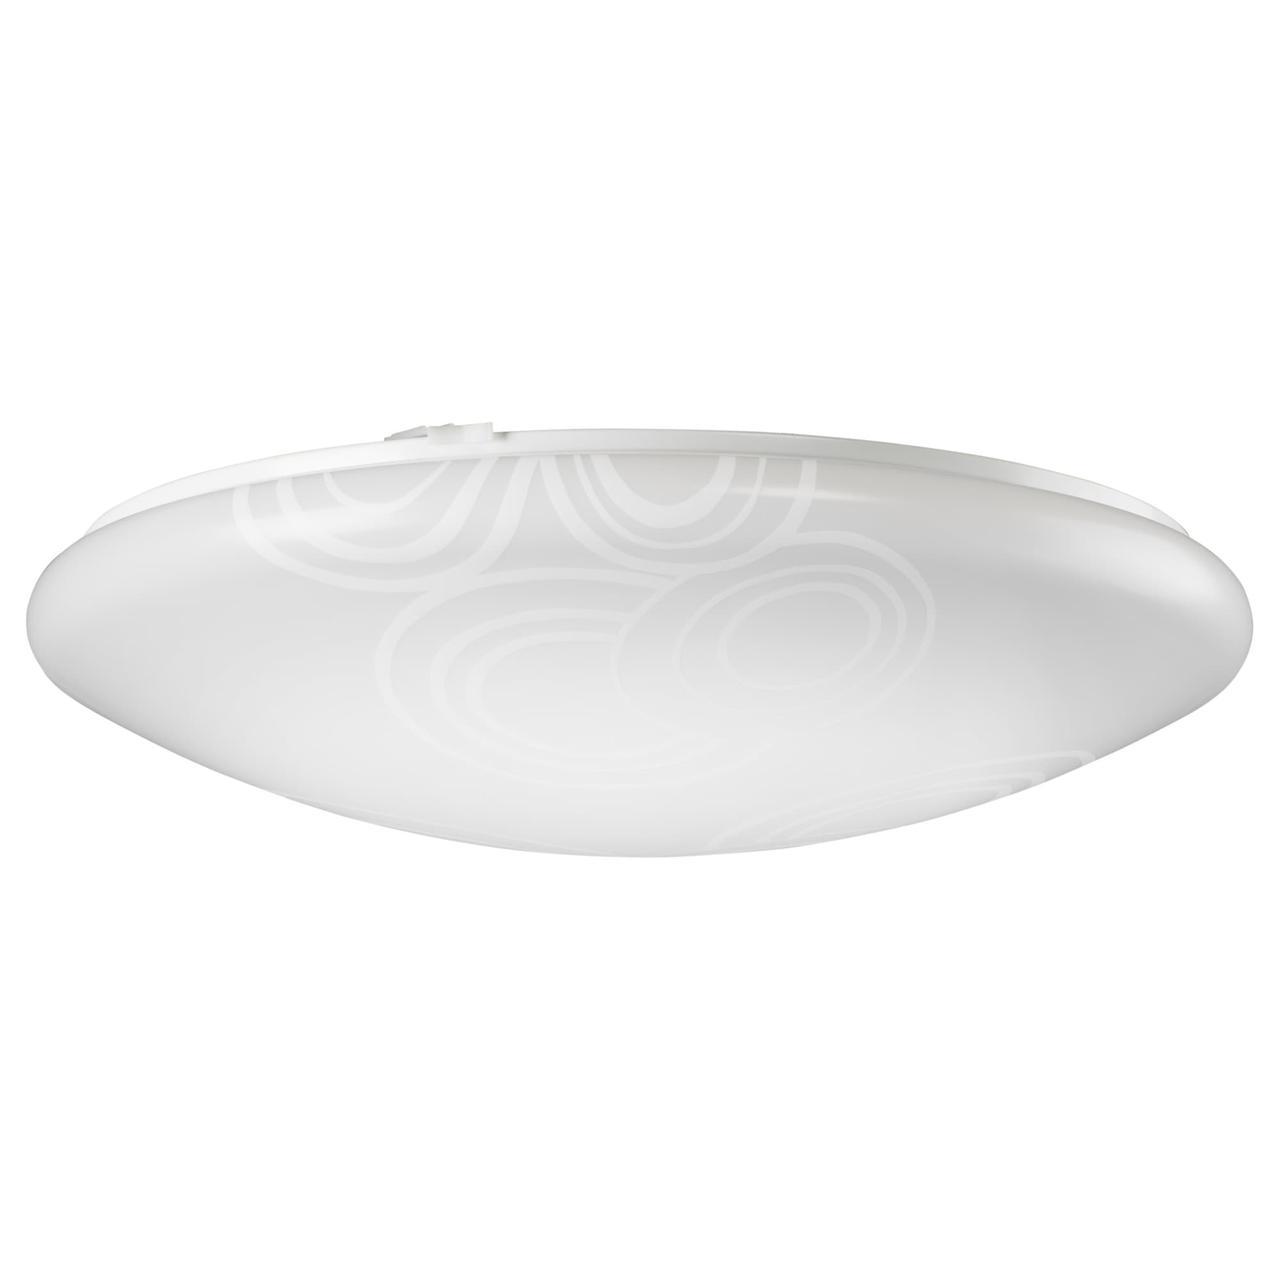 ЛЕВАНГ Светодиодный потолочный светильник, круглой формы, круг